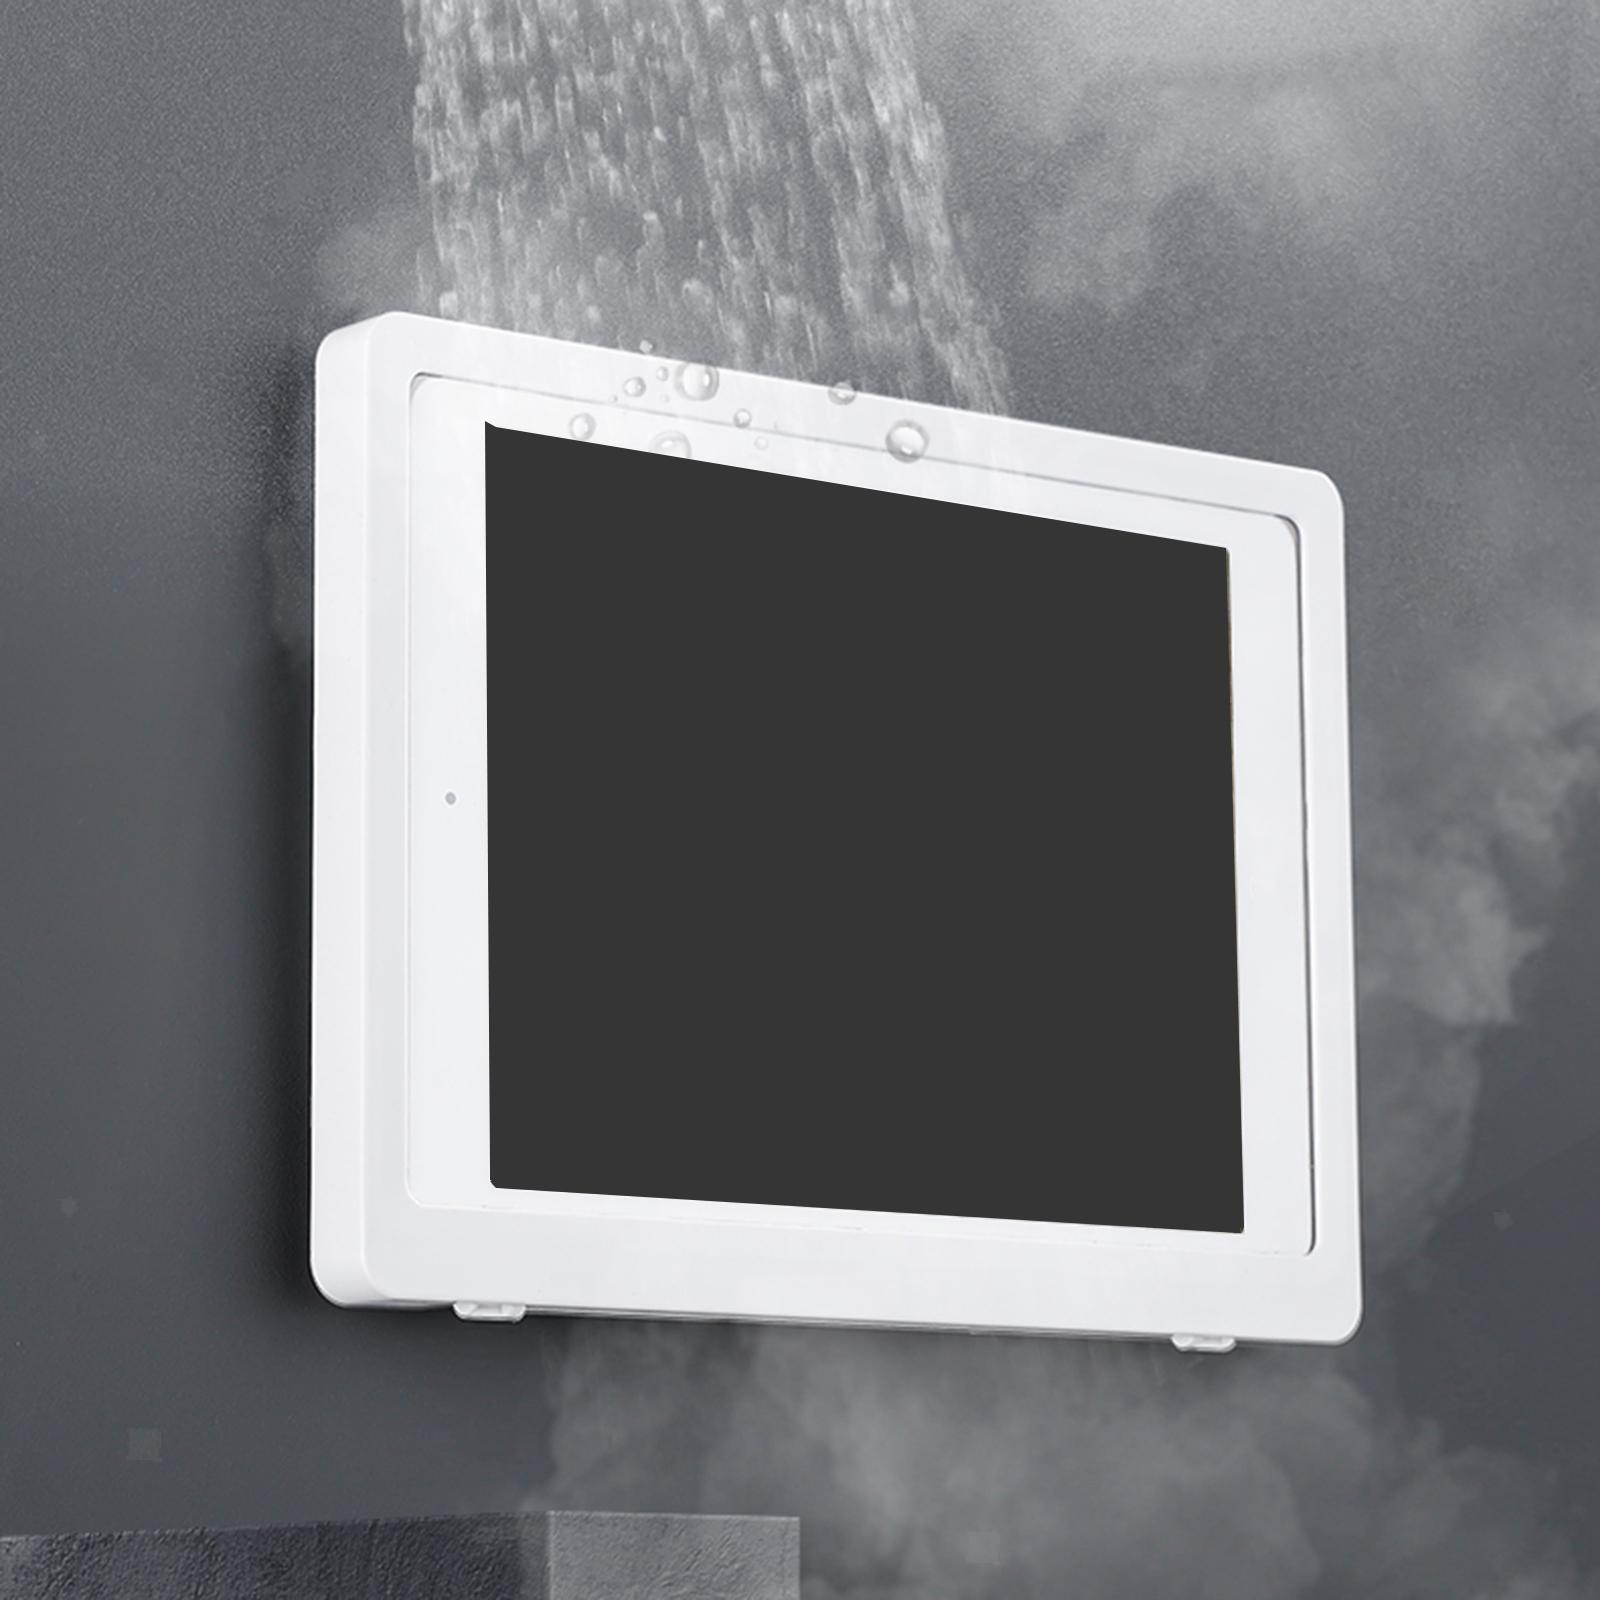 Indexbild 4 - Wand halterung Dusche Tablet Halter Badezimmer gehäuse Halterung Regal, Tablet